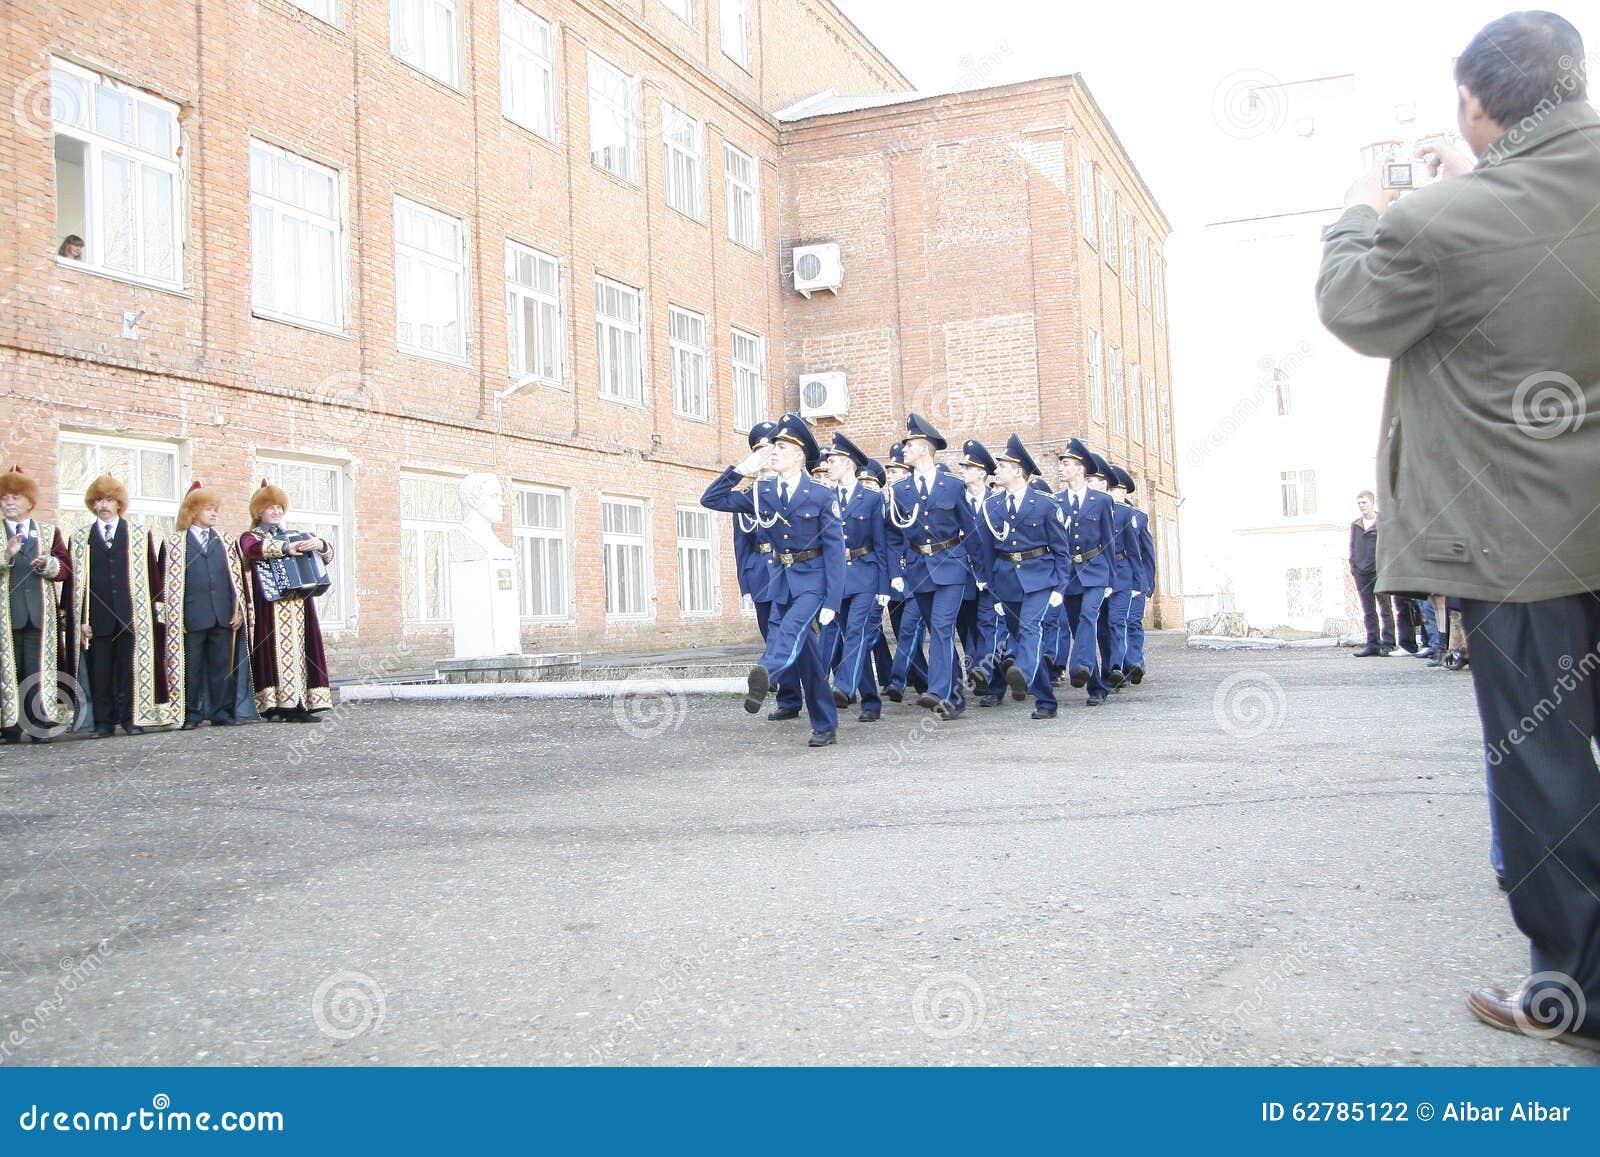 Orenbourg Marche de cadets 2010 Sur un fond - Bachkirs dans des vêtements nationaux